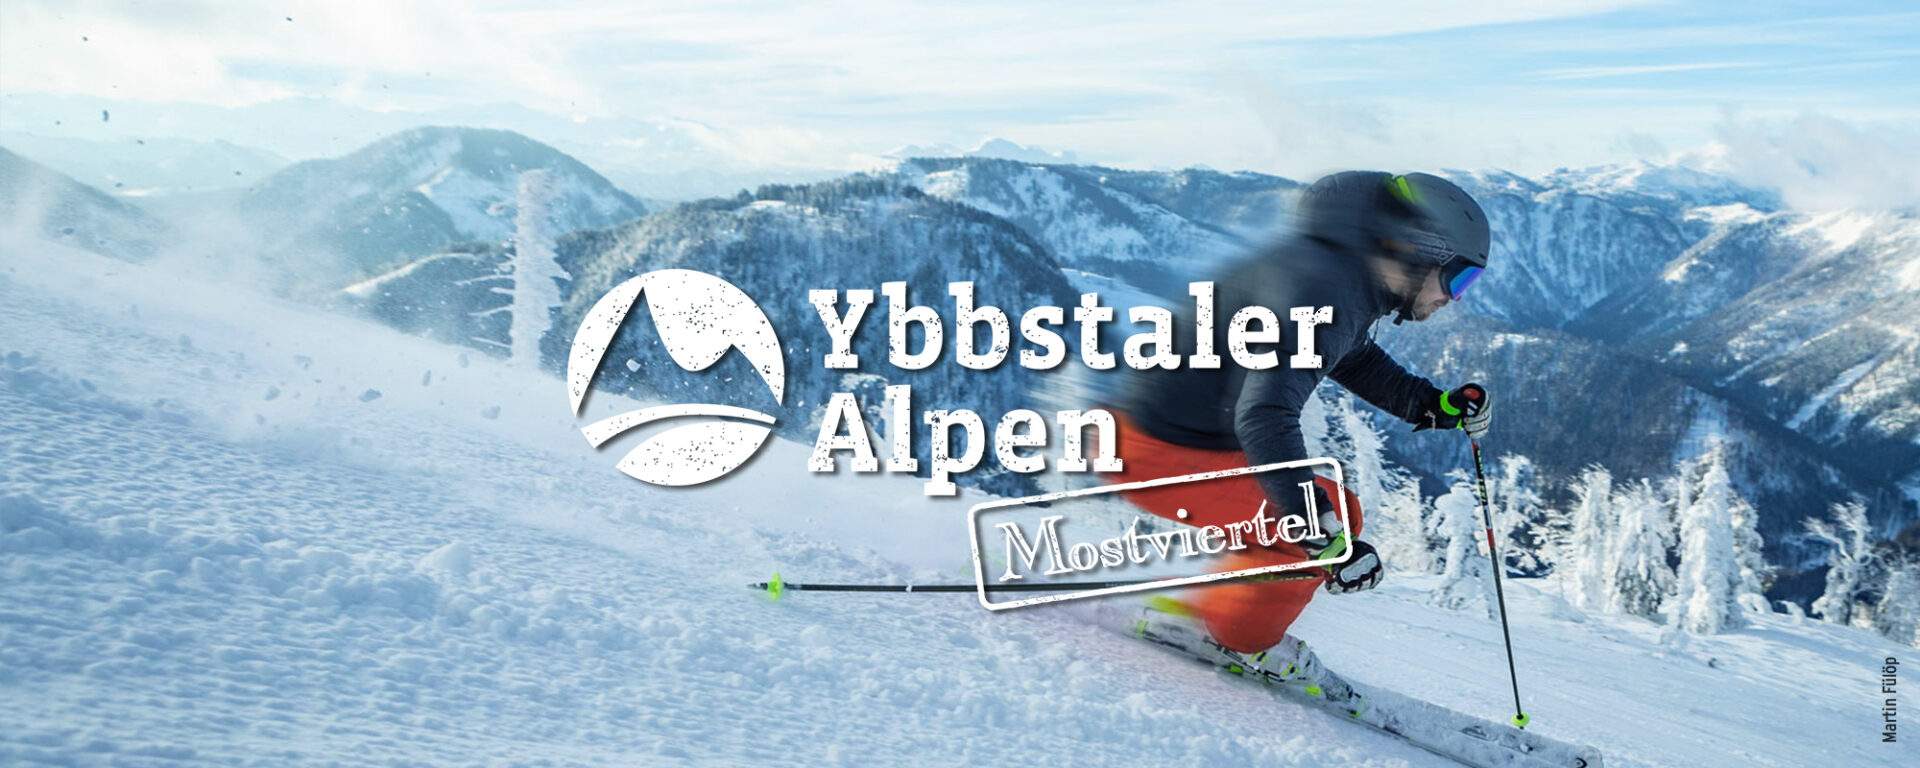 Marke Ybbstaler Alpen